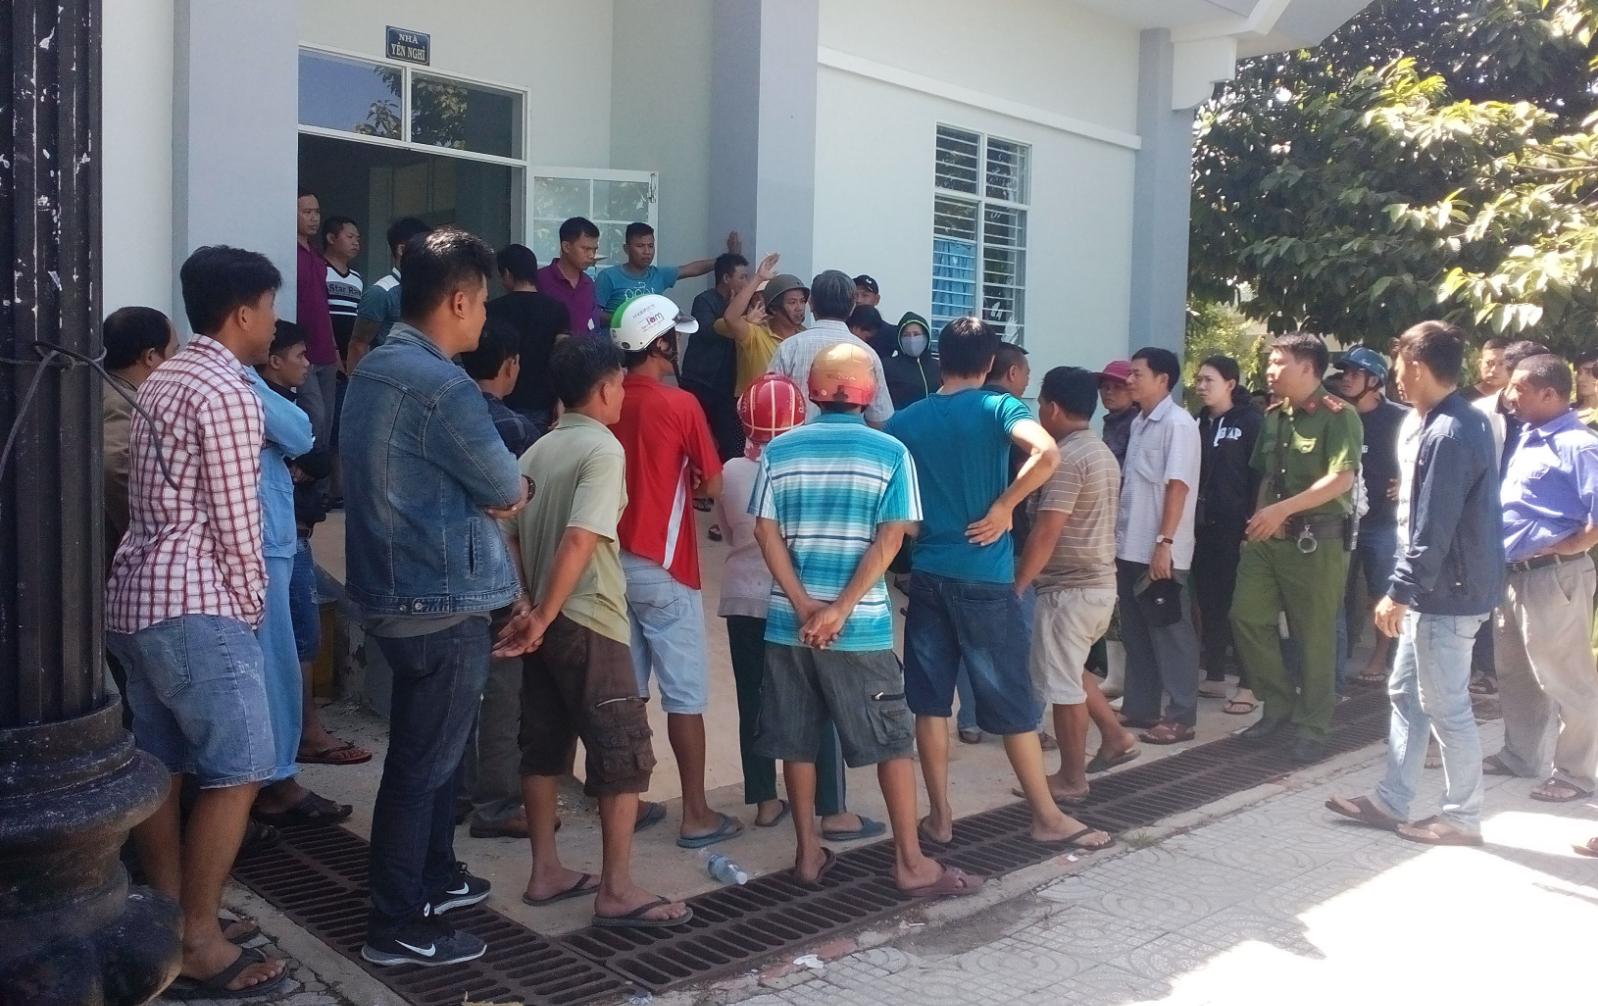 Thêm người chết trong nhà tạm giam công an Phan Rang-Tháp Chàm